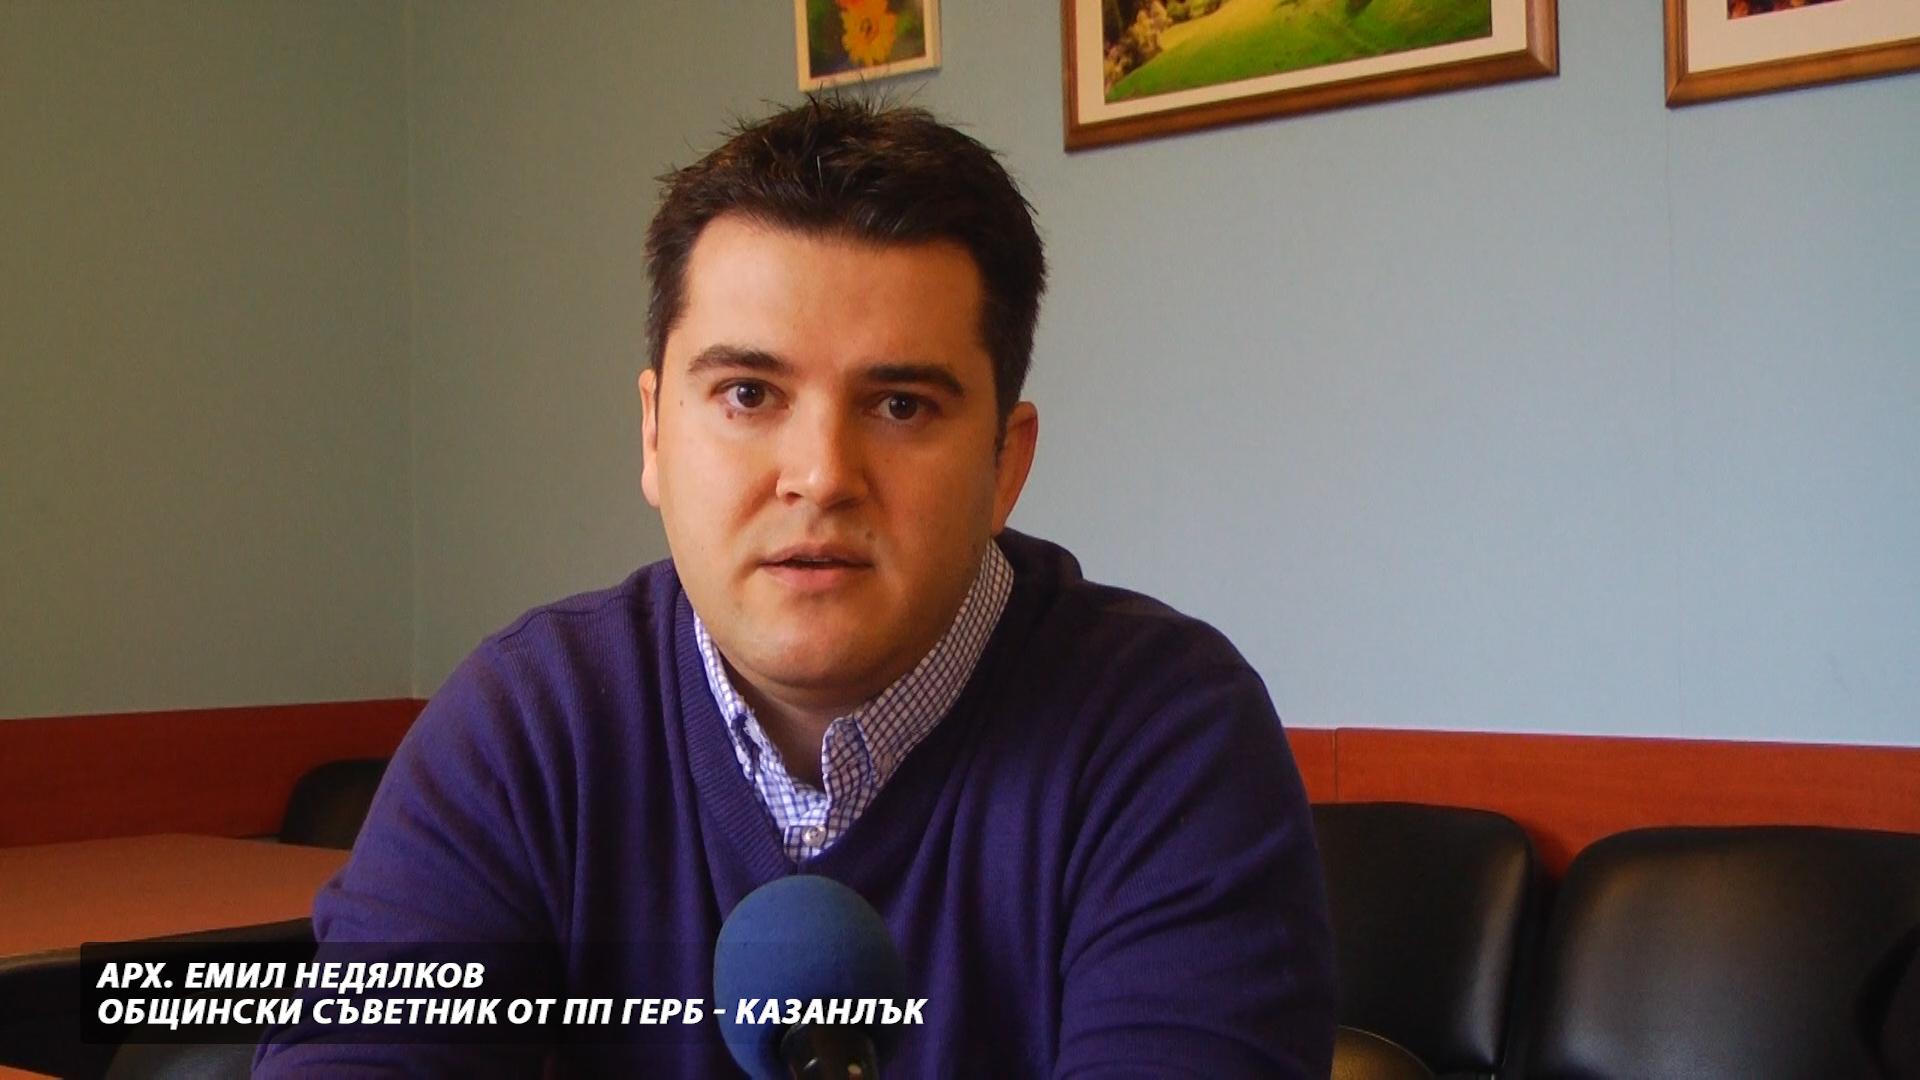 Искането за промяна на ОУП на Казанлък ще се разгледа публично по предложение на арх. Емил Недялков